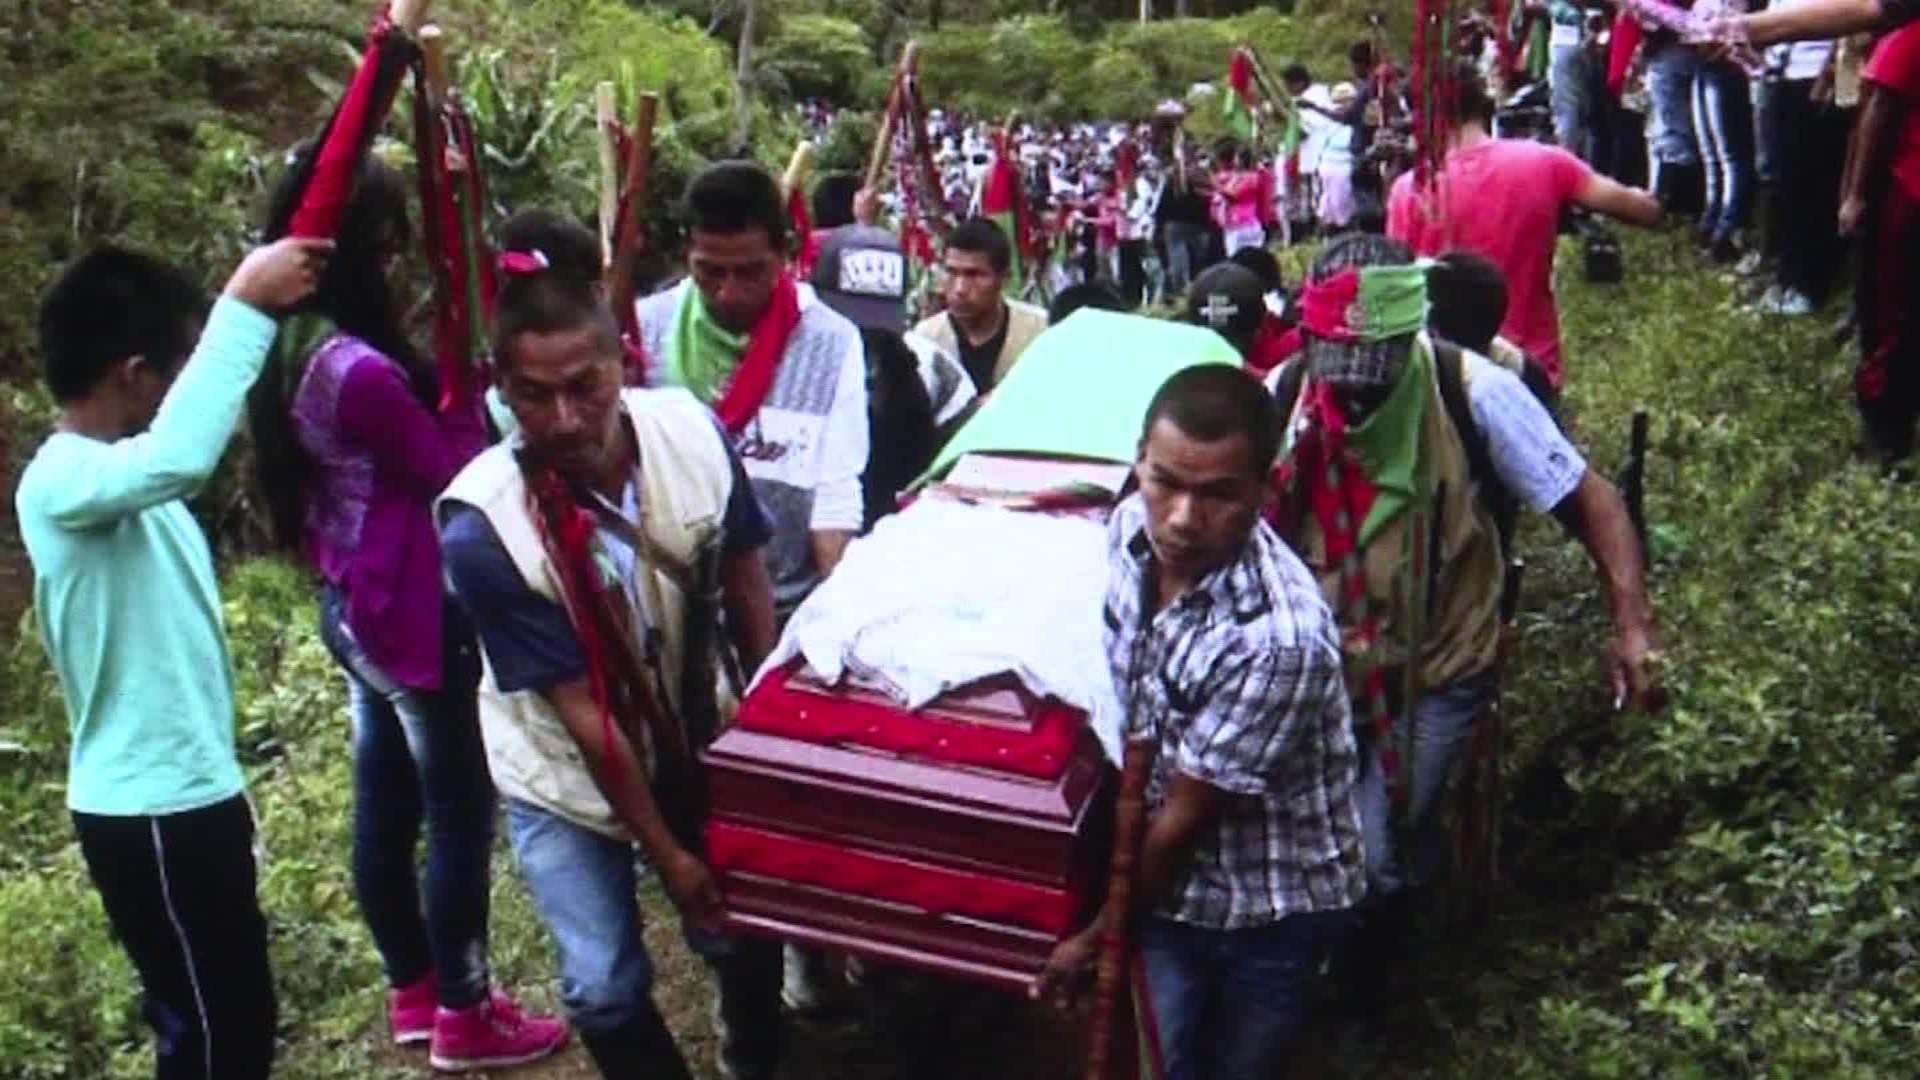 Asesinatos de líderes sociales en Colombia se han incrementado - CNN Video